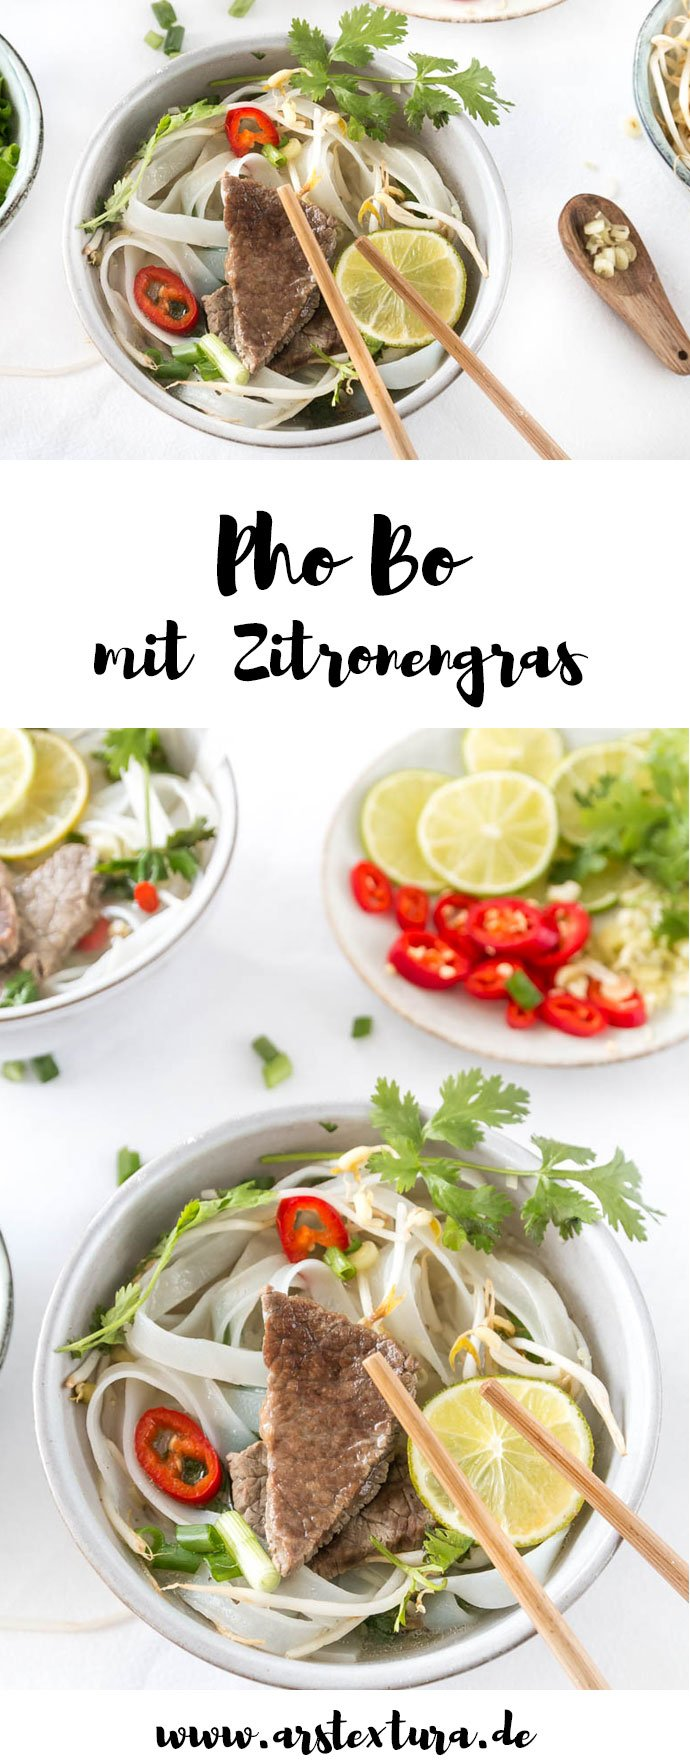 Pho-Bo | Vietnamesische Rindssuppe mit Zitronengras und Koriander